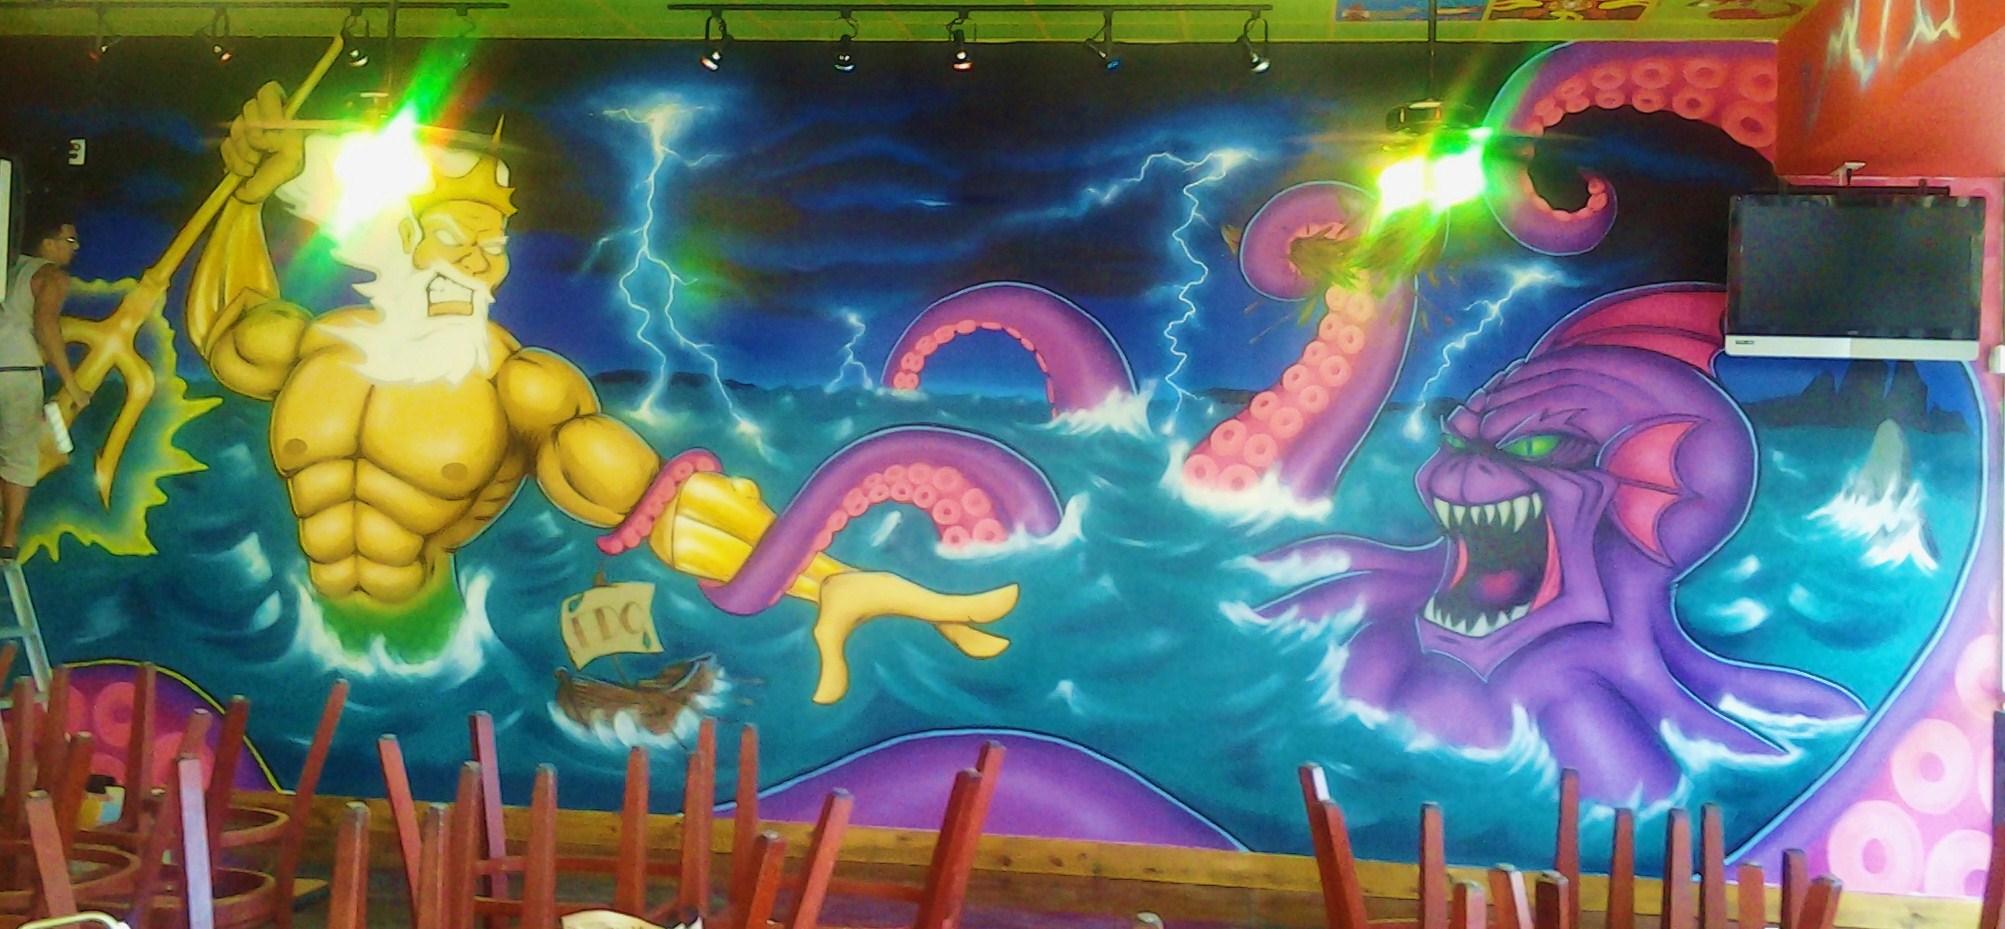 poseidon vs the kraken - photo #13